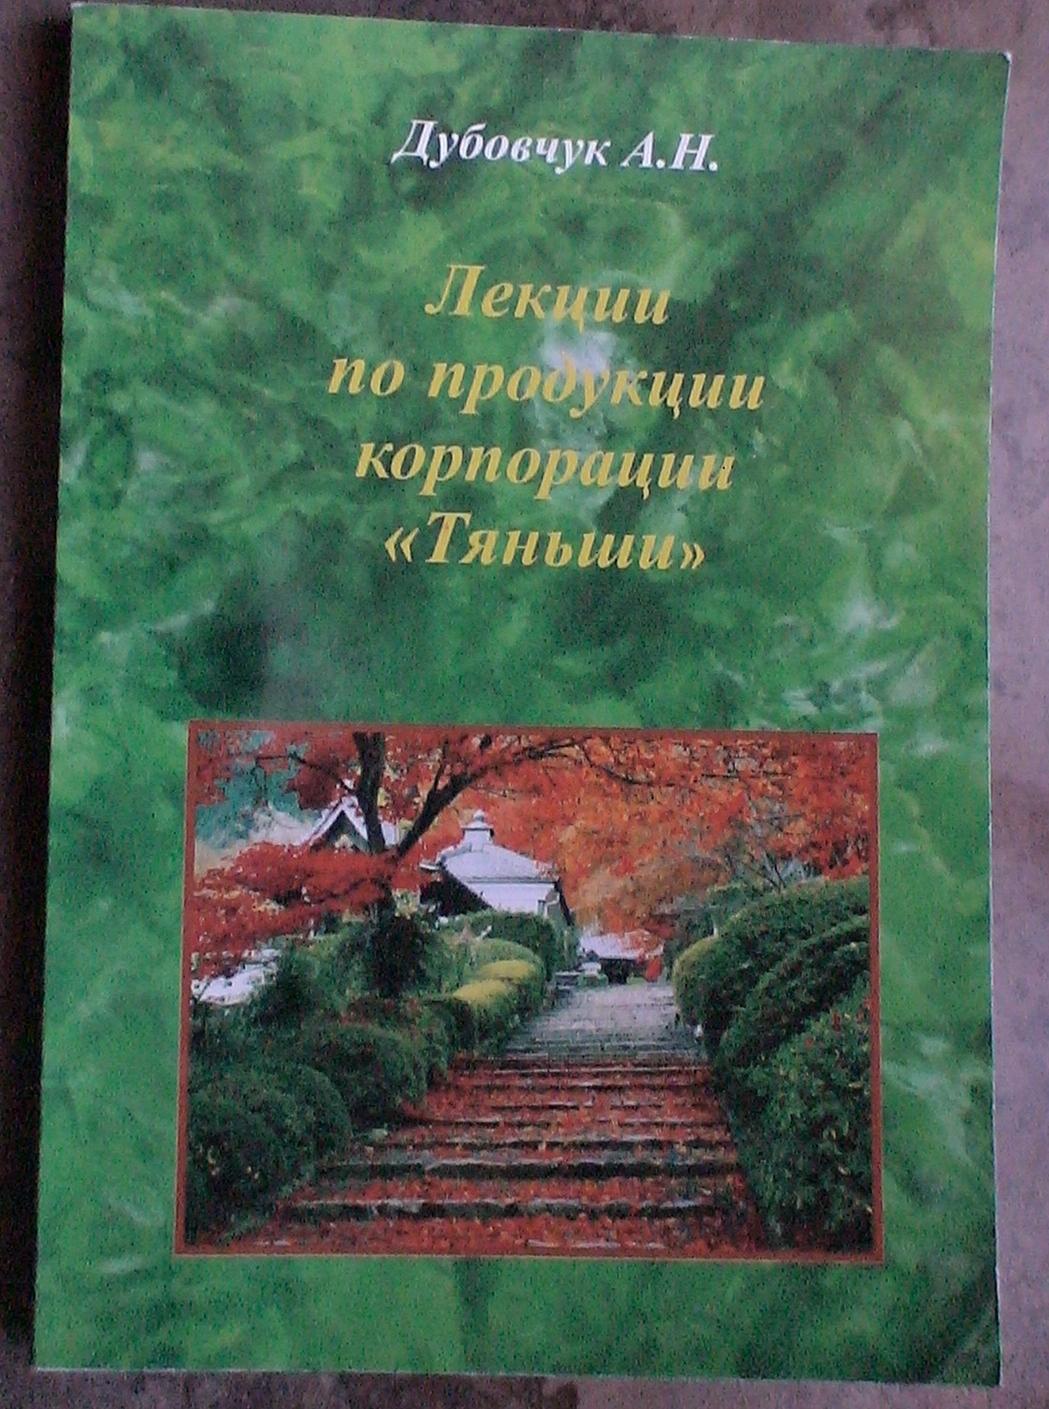 лекции по продукции корпорации тяньши дубовчук ,лекции дубовчук, купить книгу дубовчук